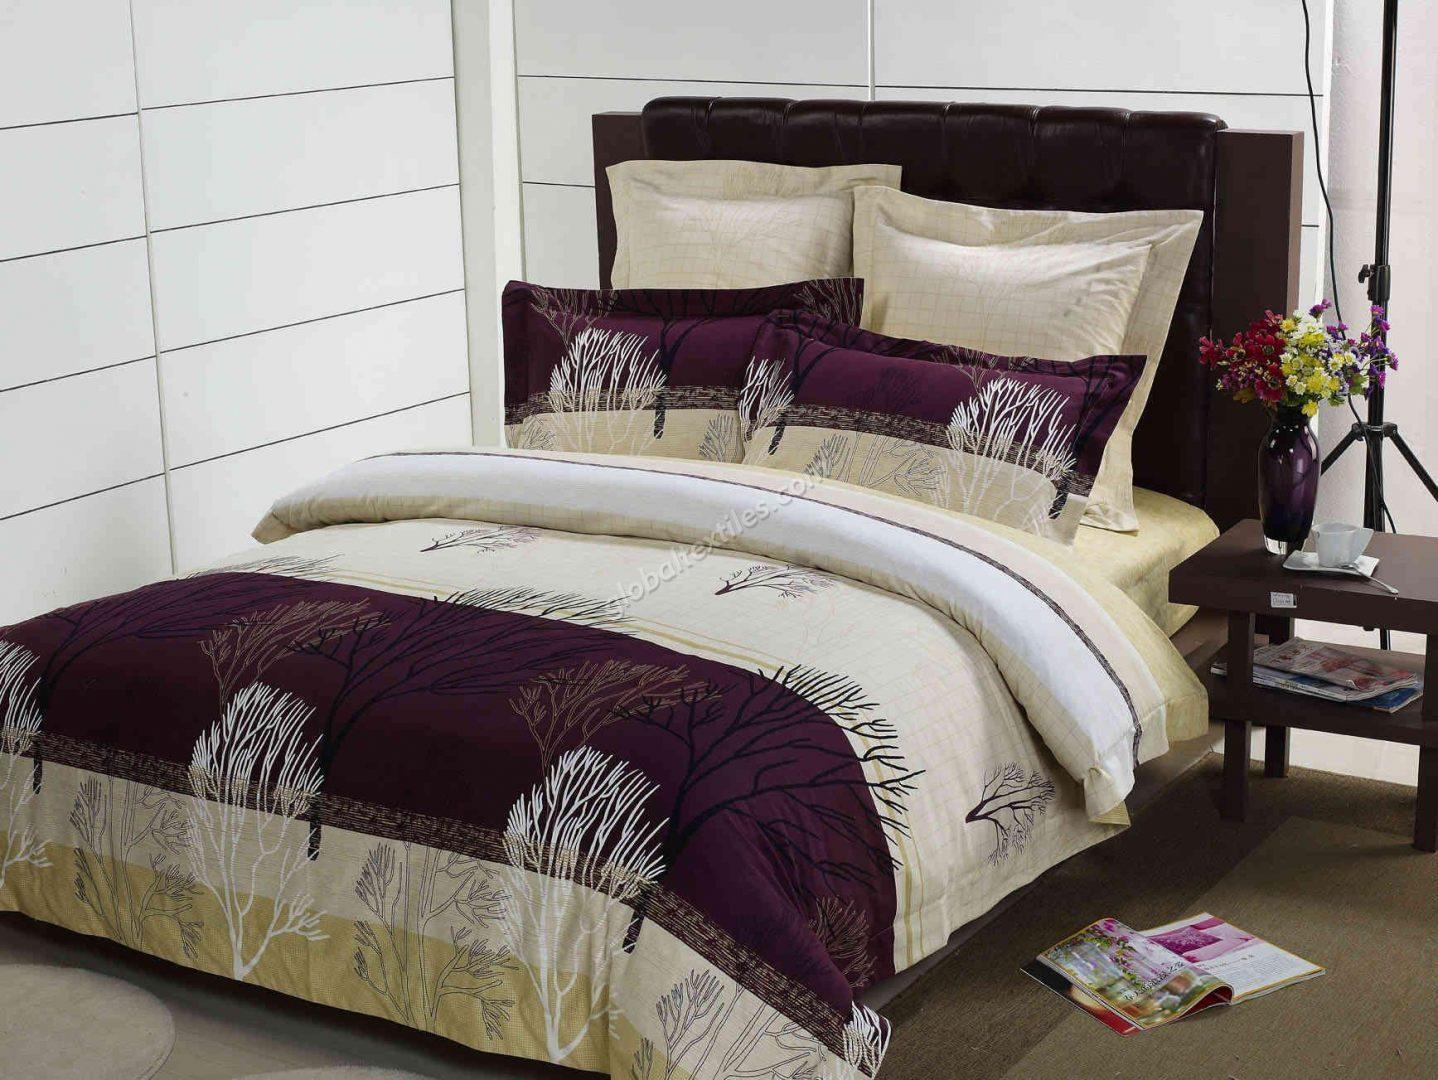 Galer a de im genes ropa de cama - Ropa de cama matrimonio ...